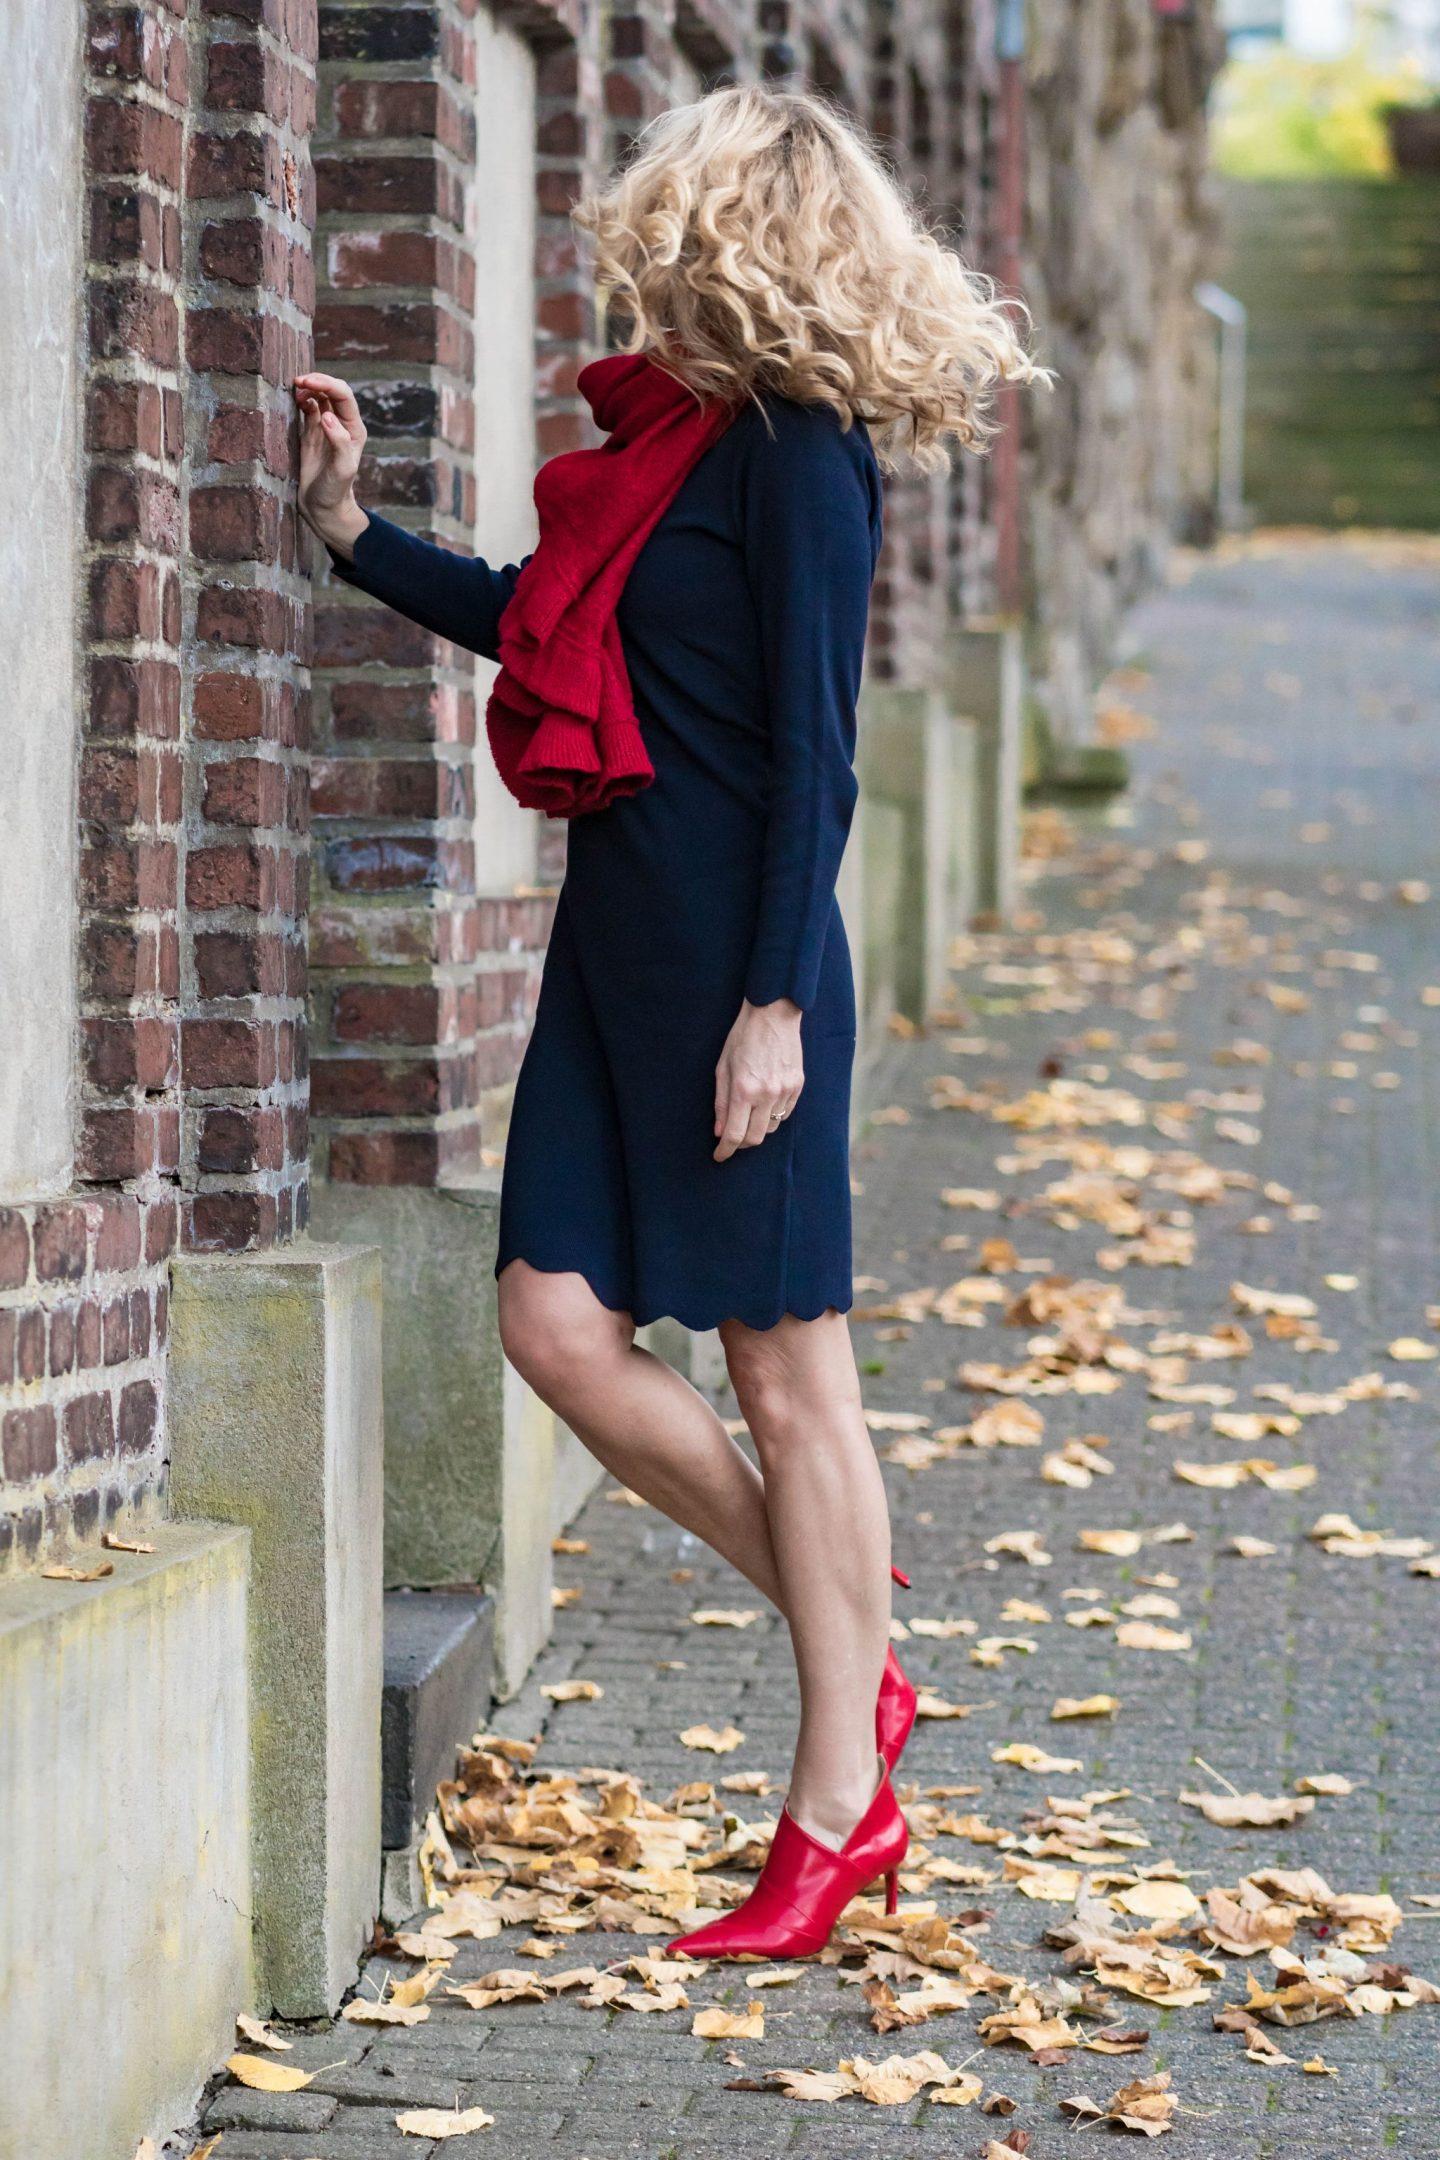 Ouftit_Weihnachtsfeier-Dresscode_festlich-Firmenparty-Büro-Strickkleid-Bonita-Rot_Blau_kombinieren